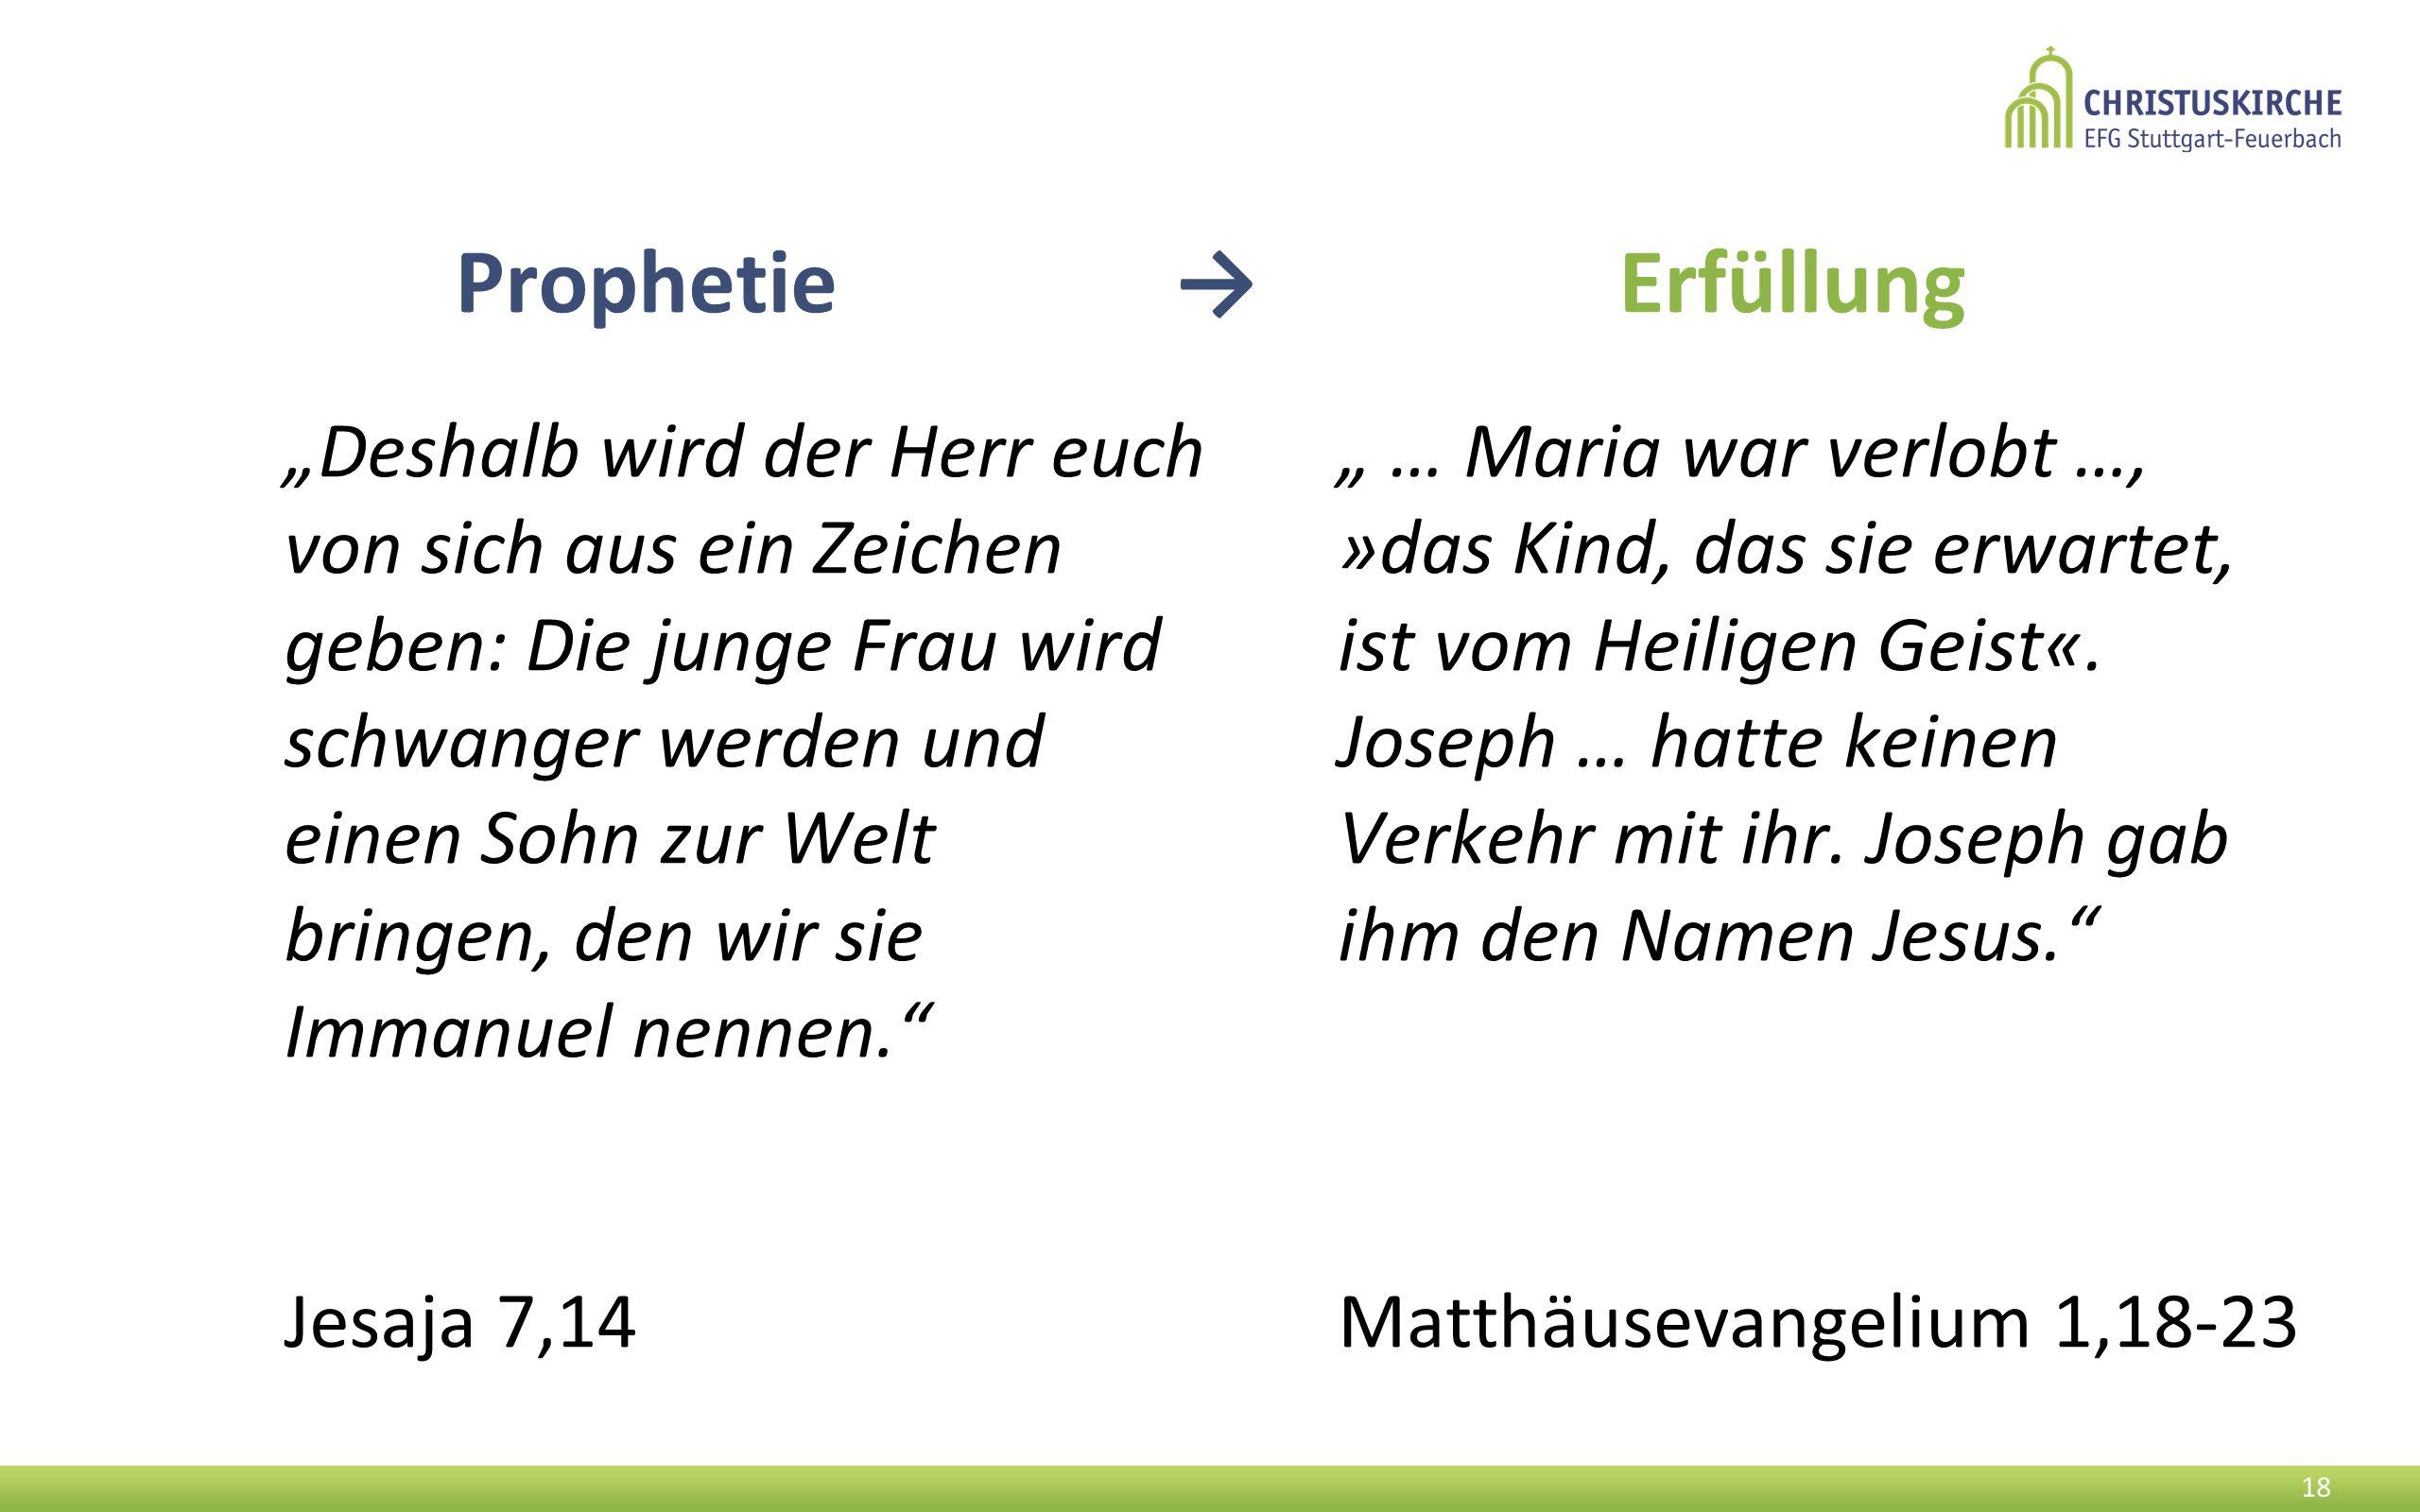 """""""Deshalb wird der Herr euch von sich aus ein Zeichen geben: Die junge Frau wird schwanger werden und einen Sohn zur Welt bringen, den wir sie Immanuel nennen. Jesaja 7,14 18 """" … Maria war verlobt …, »das Kind, das sie erwartet, ist vom Heiligen Geist«."""